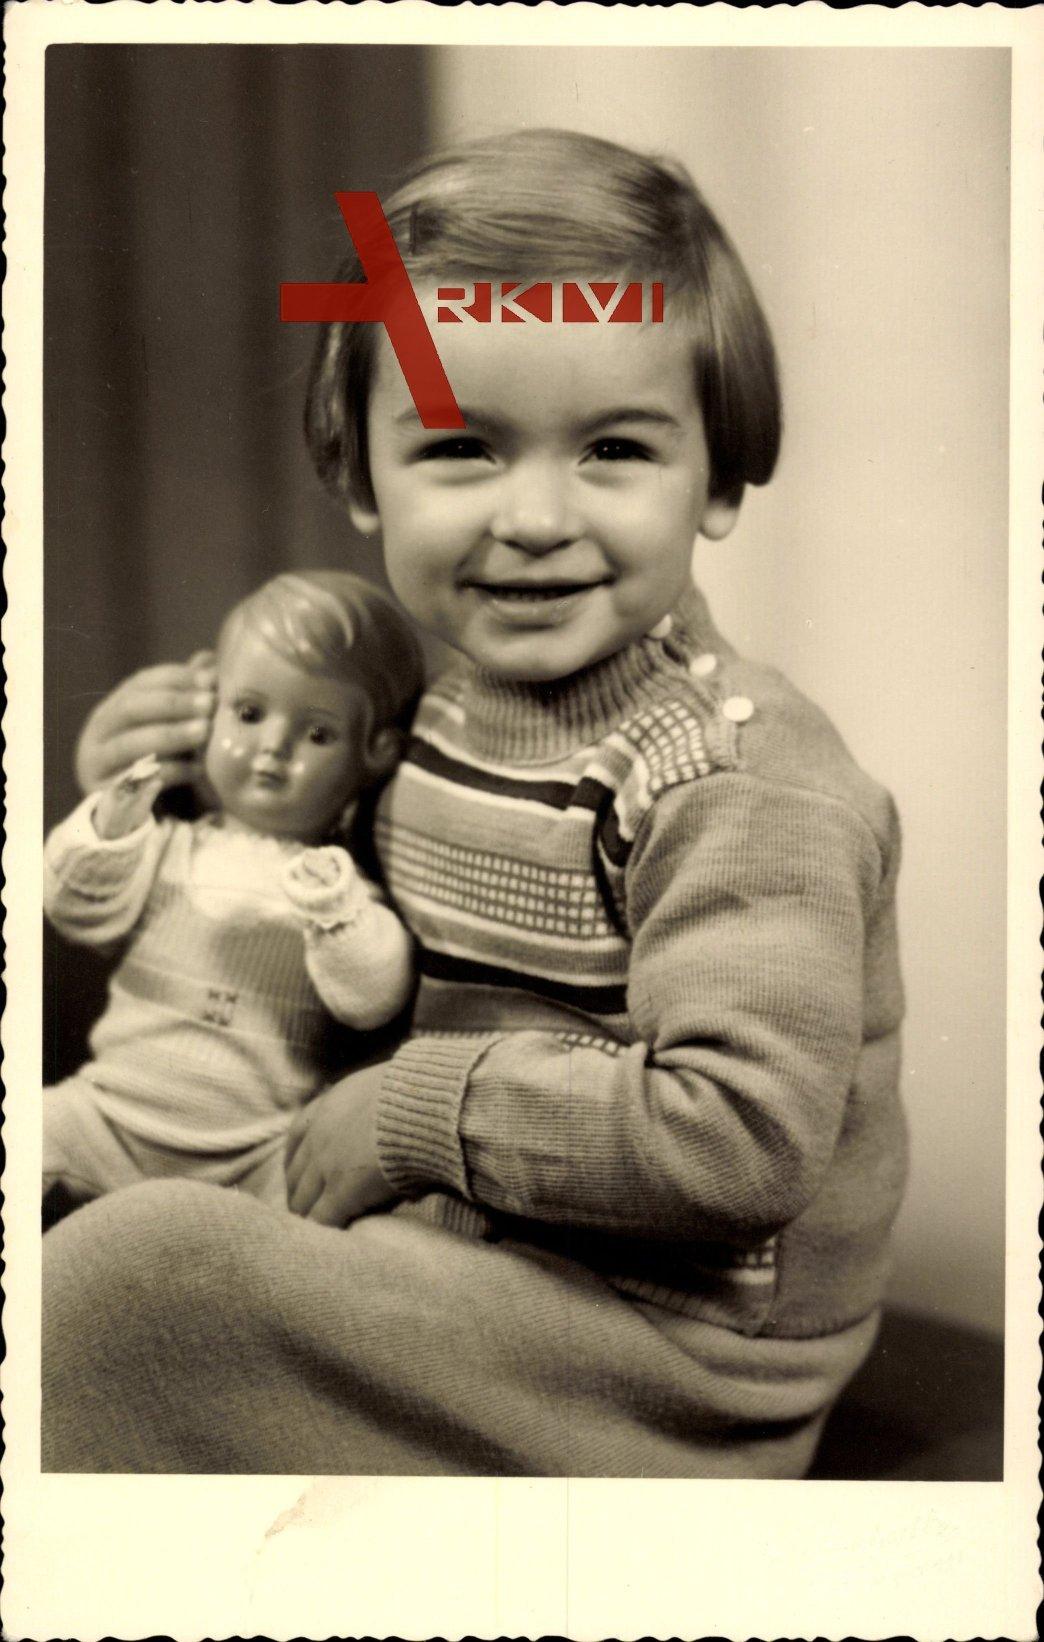 Junges Mädchen mit Spielzeug, Puppe, Sitzportrait